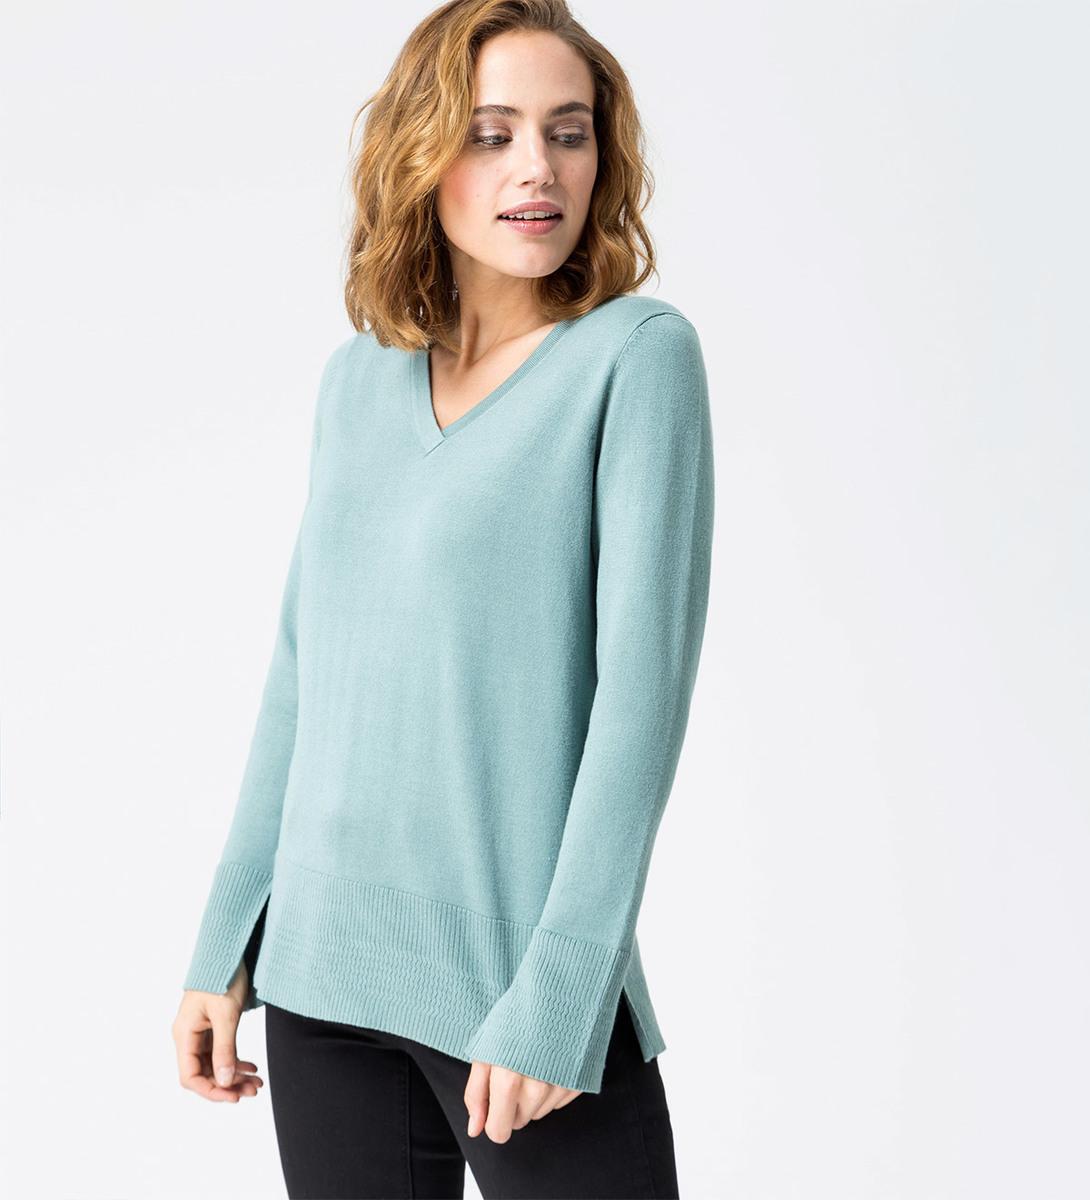 Pullover in feiner Strickqualität in dusk jade